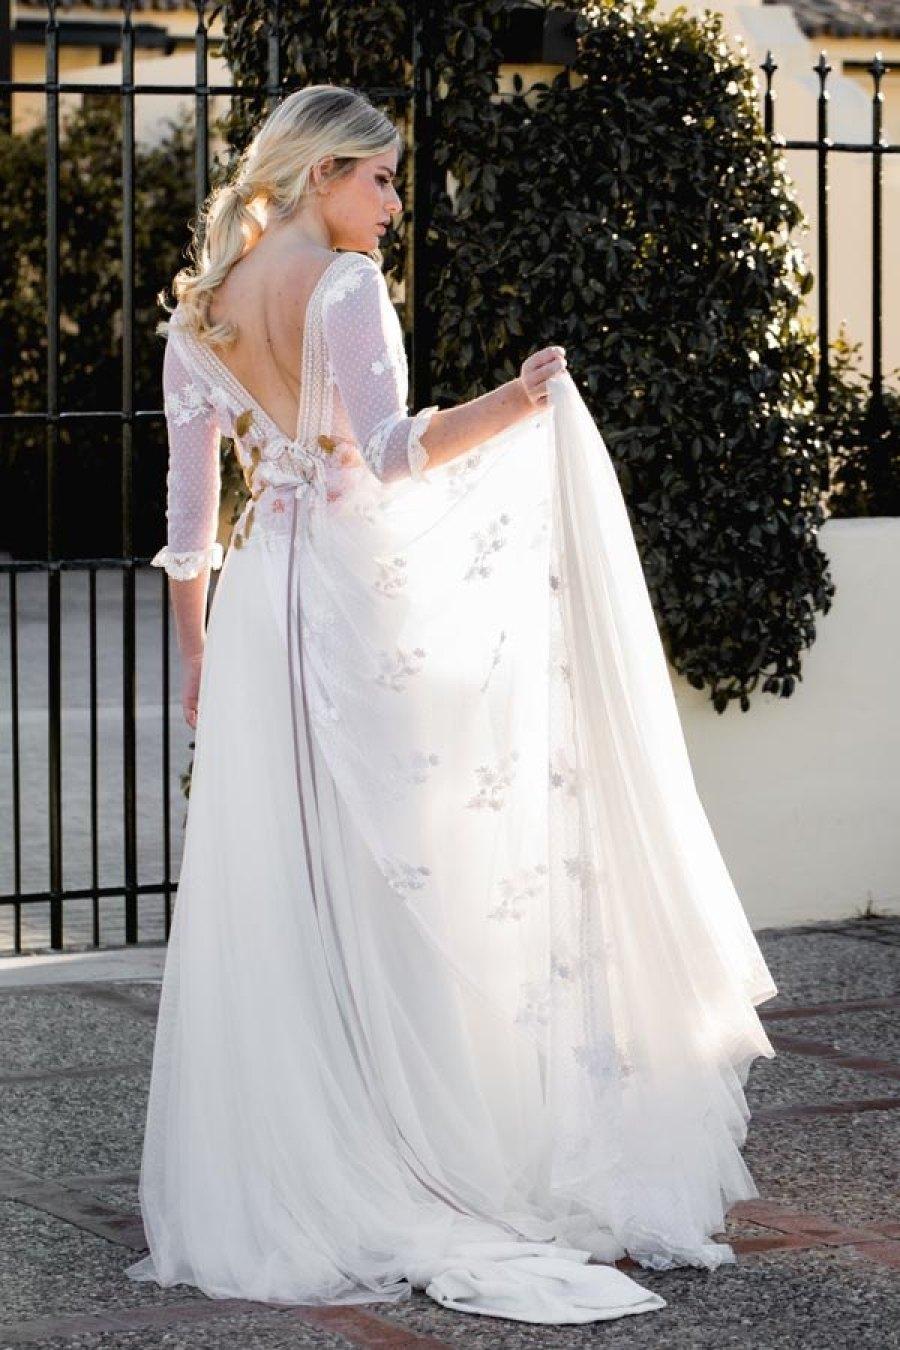 0240 ValensoleAtelier 656 - Vestidos de Novia de Valensole Atelier 2018